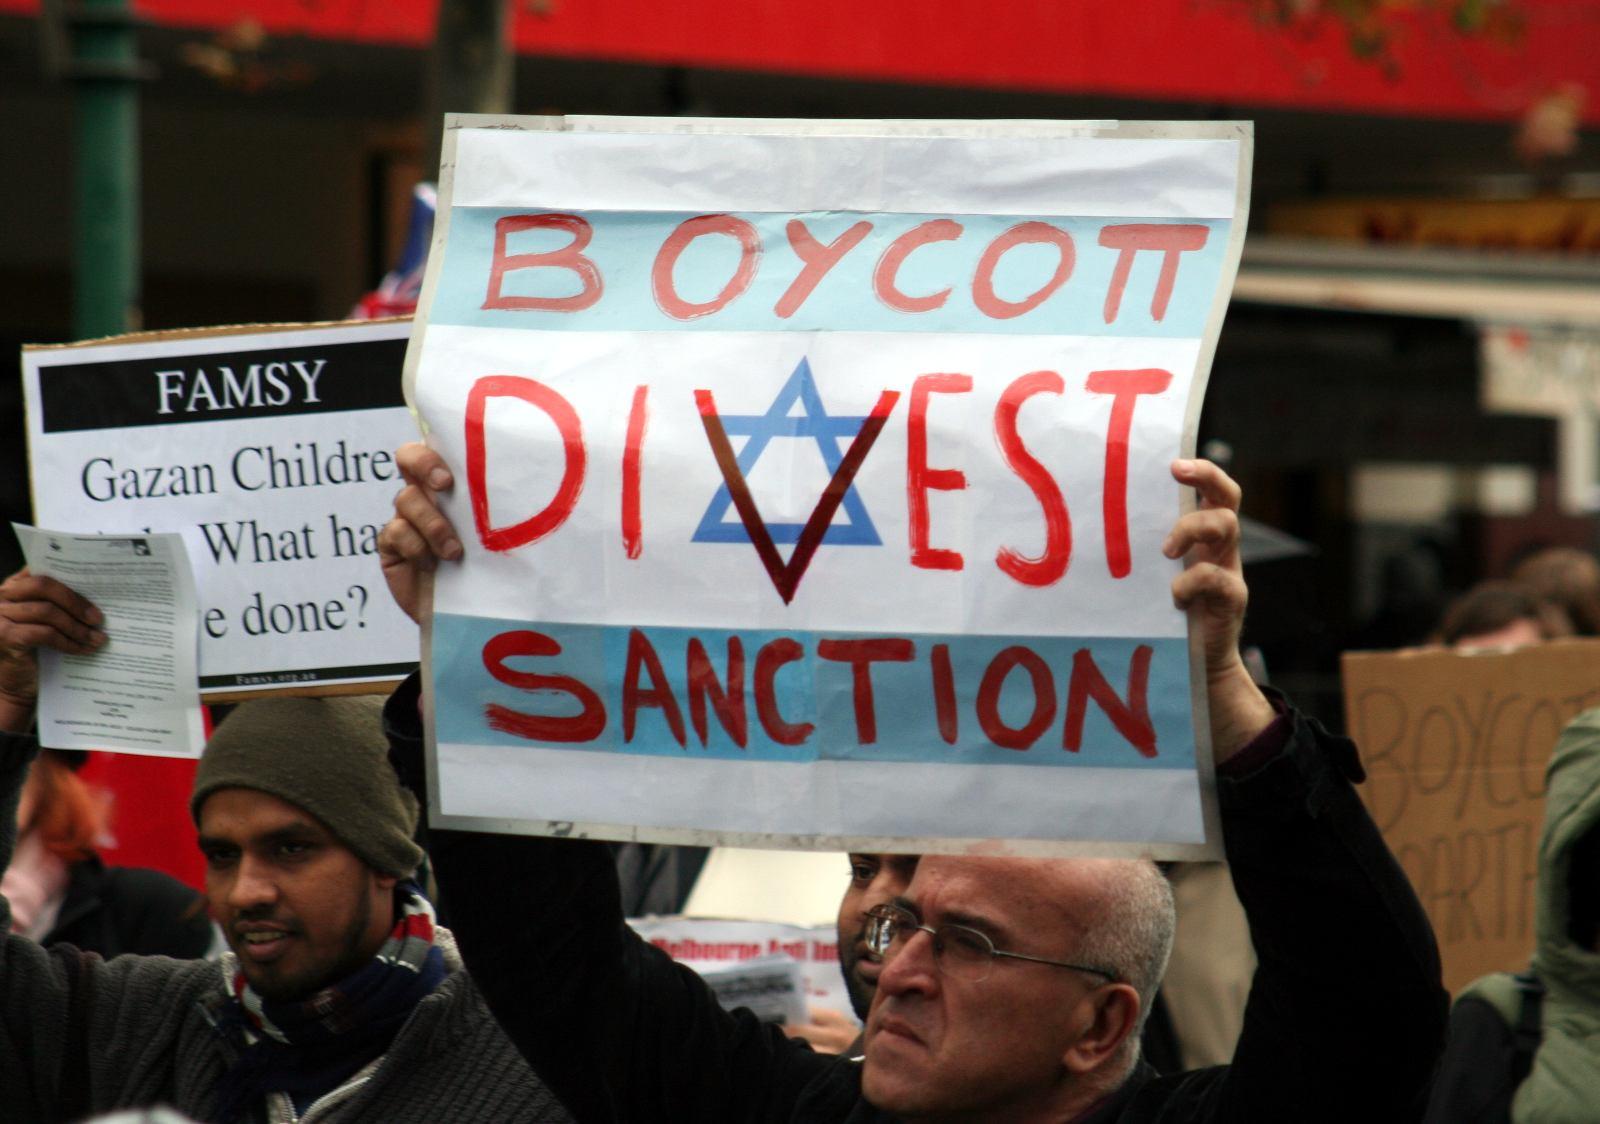 Manifestation à Melbourne contre le blocus de la Bande de Gaza - Crédit photo : Takver / Flickr CC